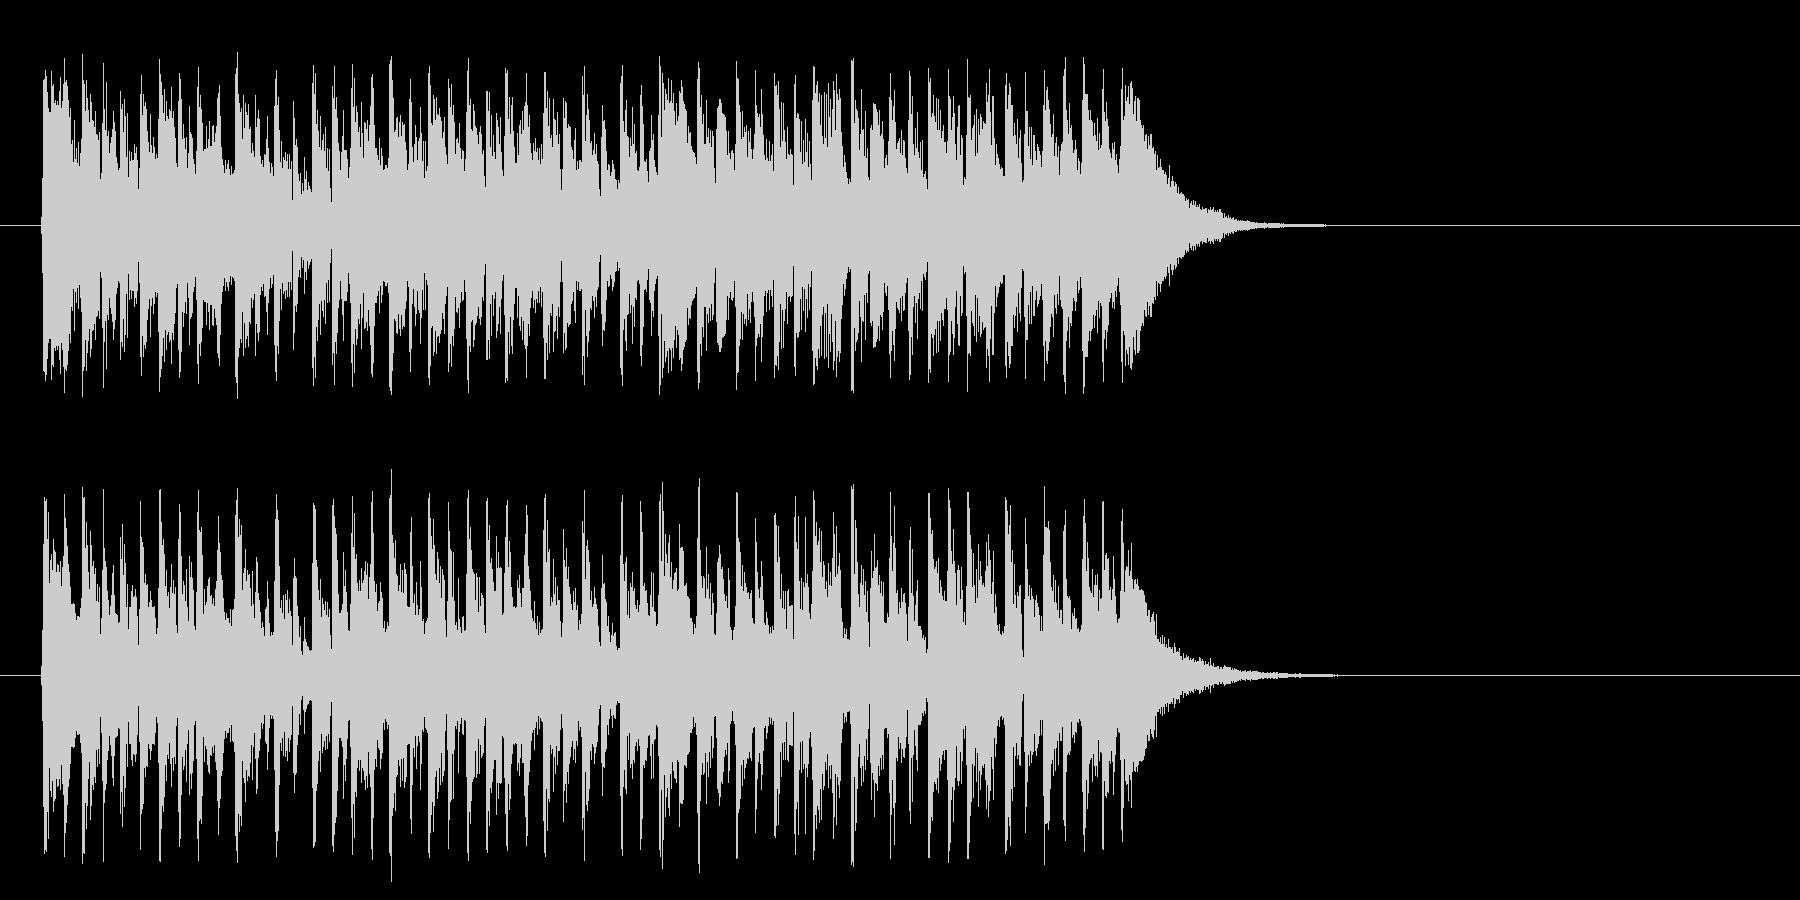 シュプールを描くポップ(Aメロ)の未再生の波形